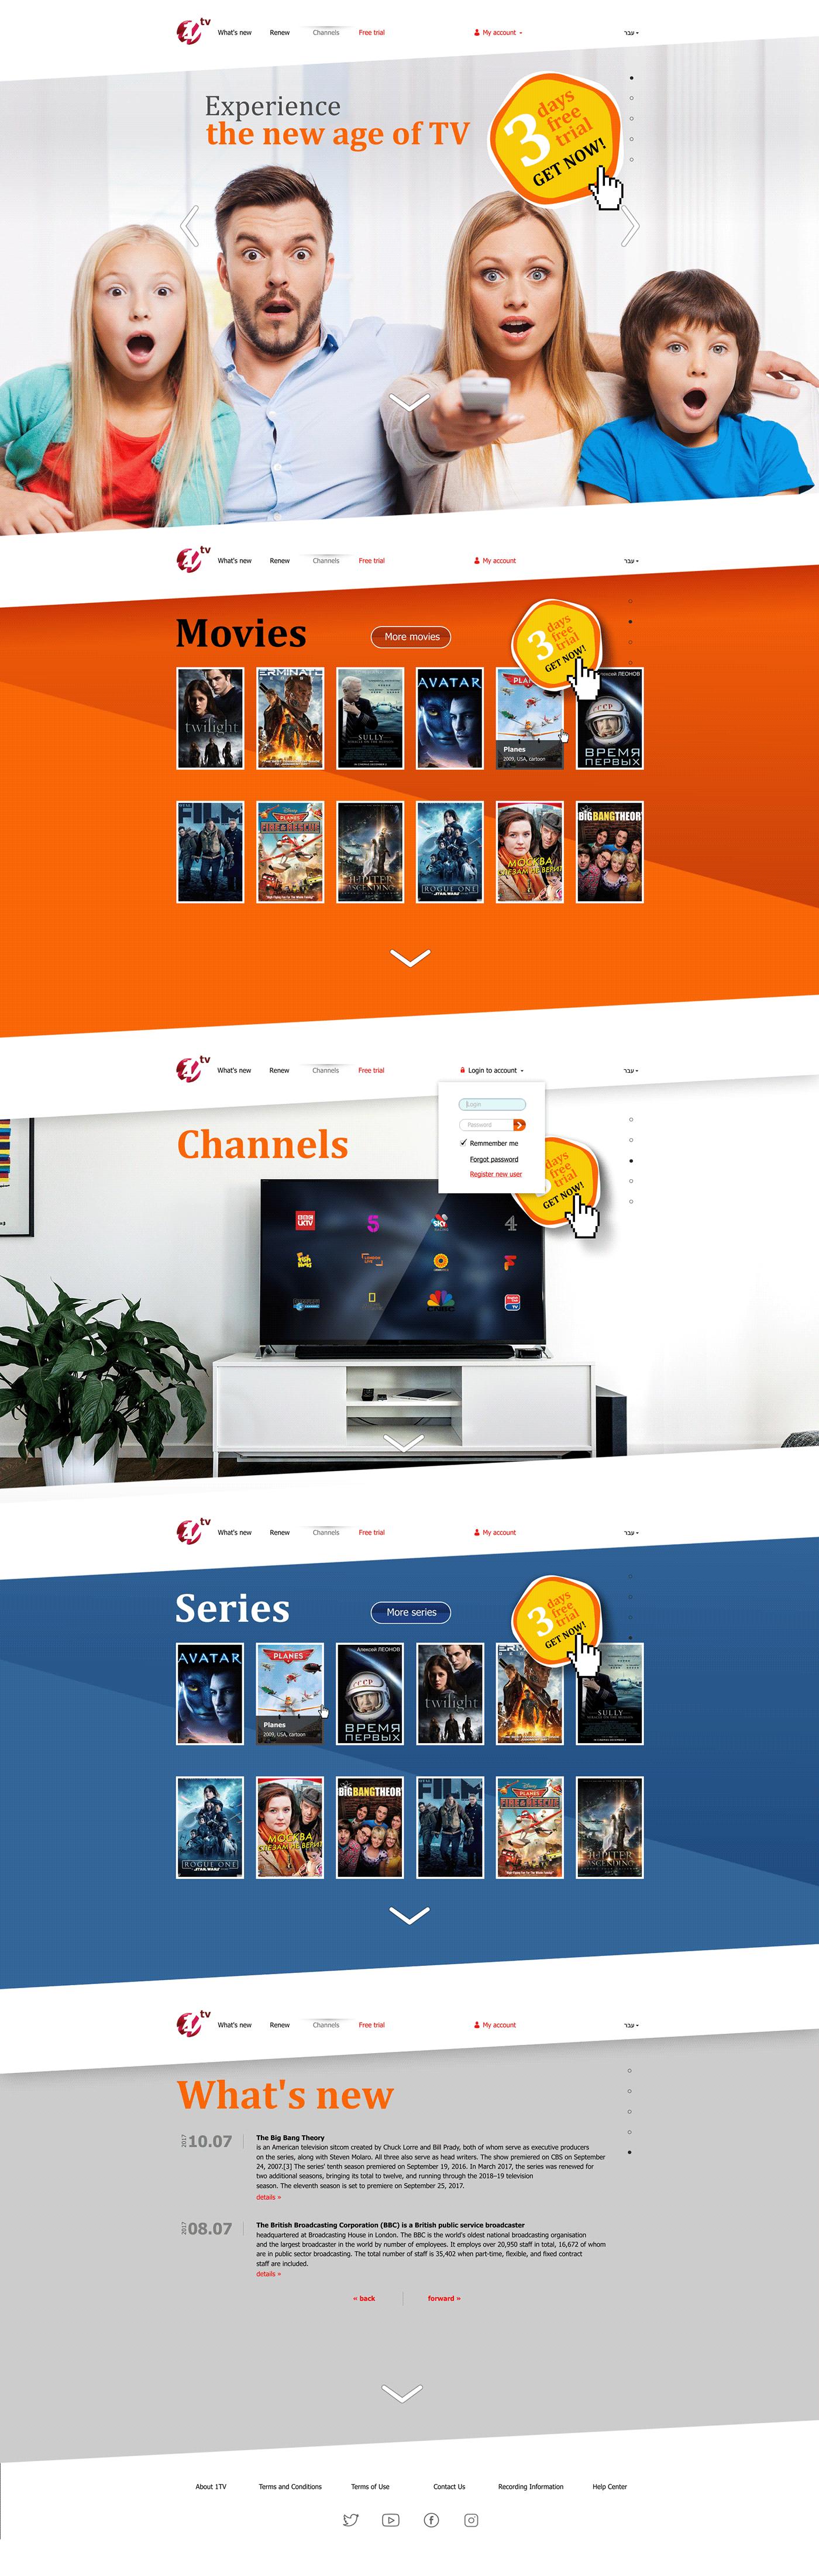 UI,ux,graphic design